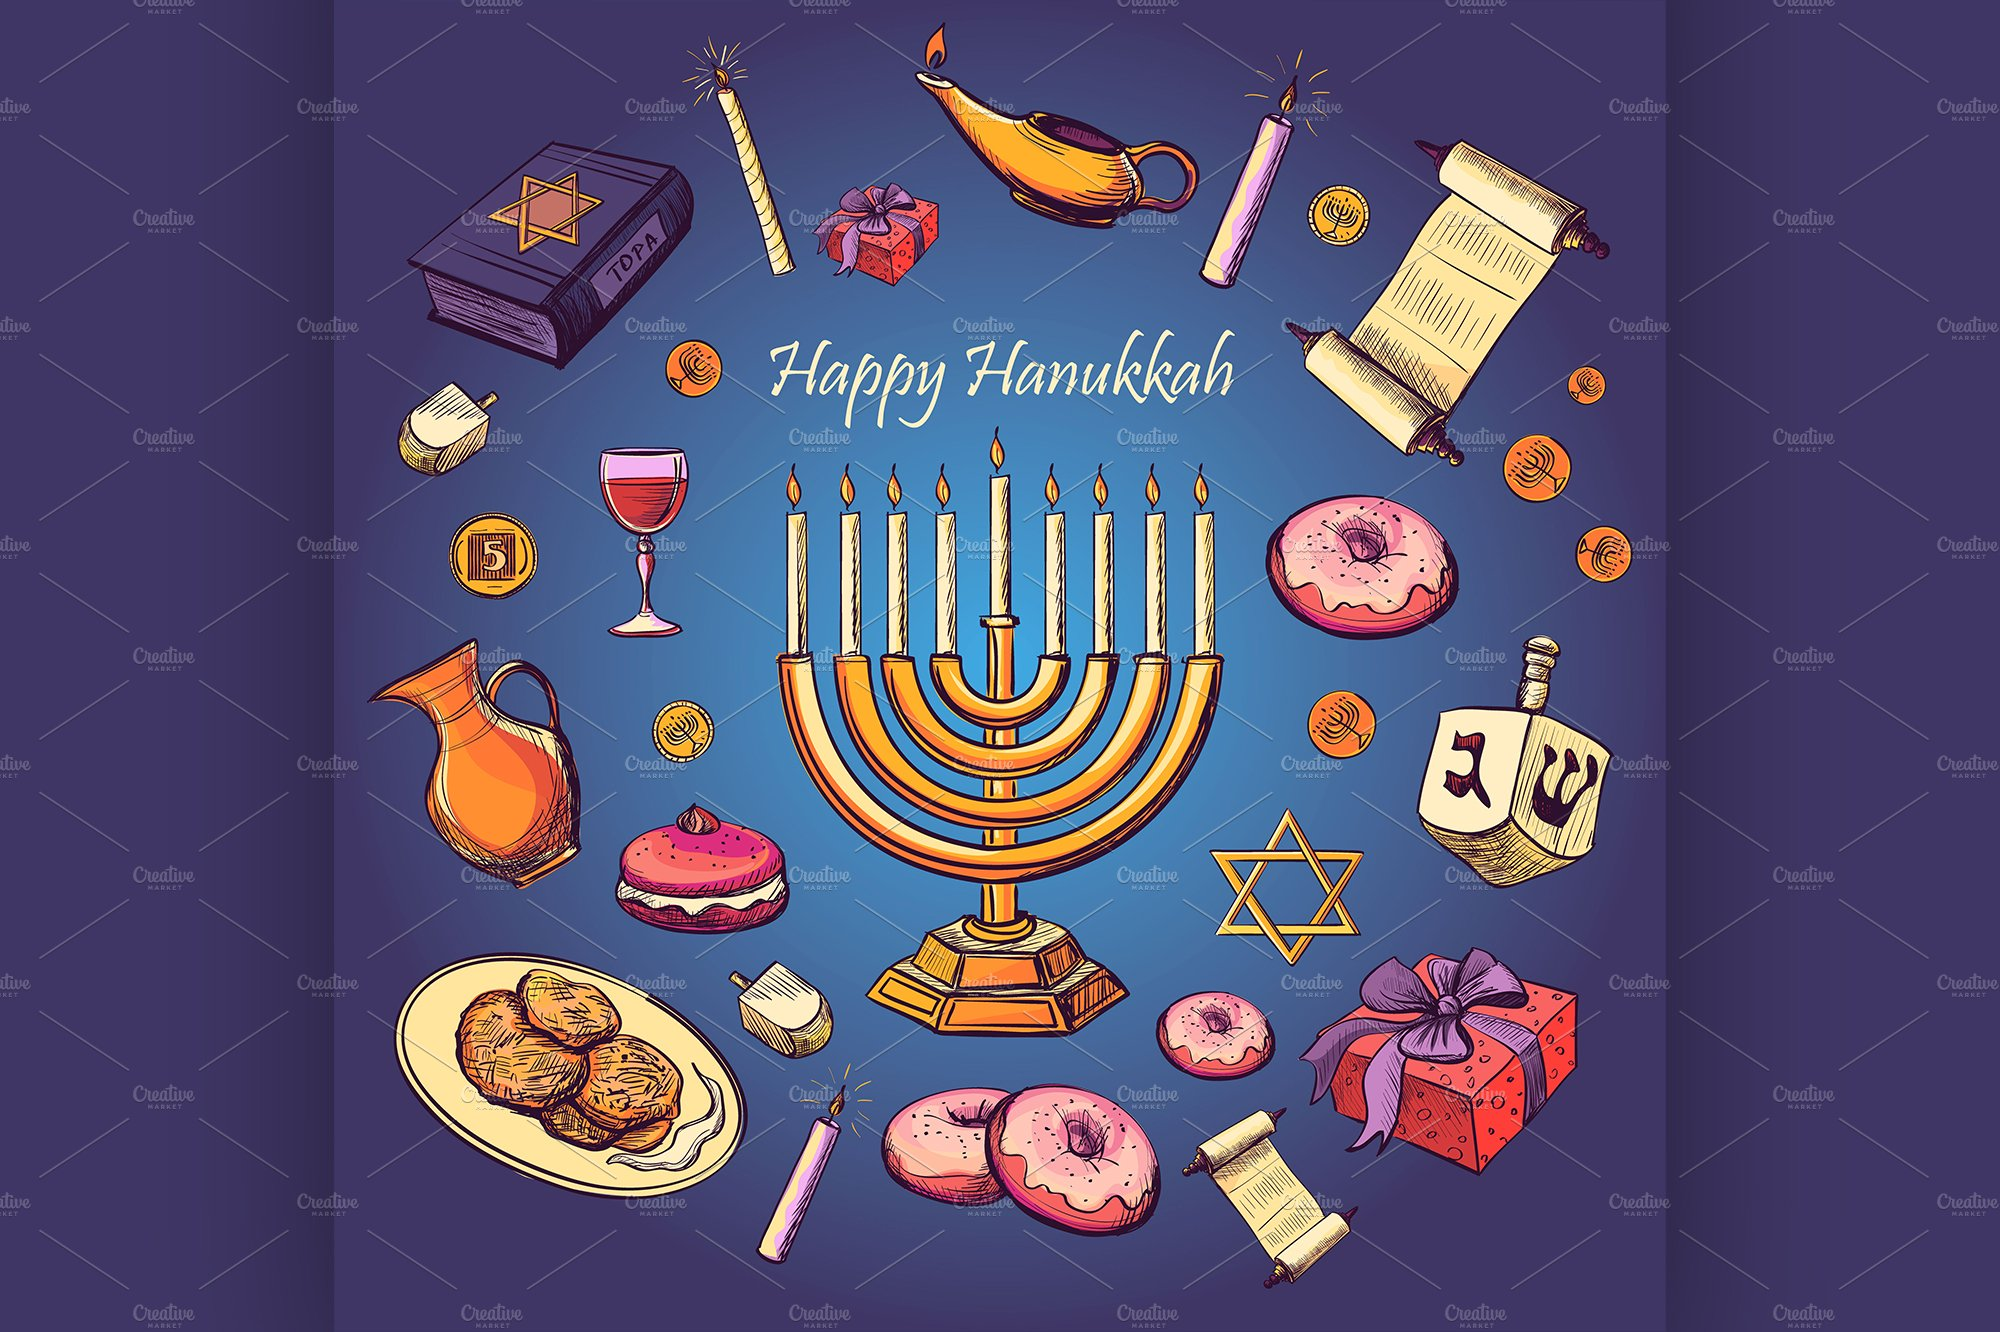 Happy Hanukkah Holiday Illustrations Creative Market